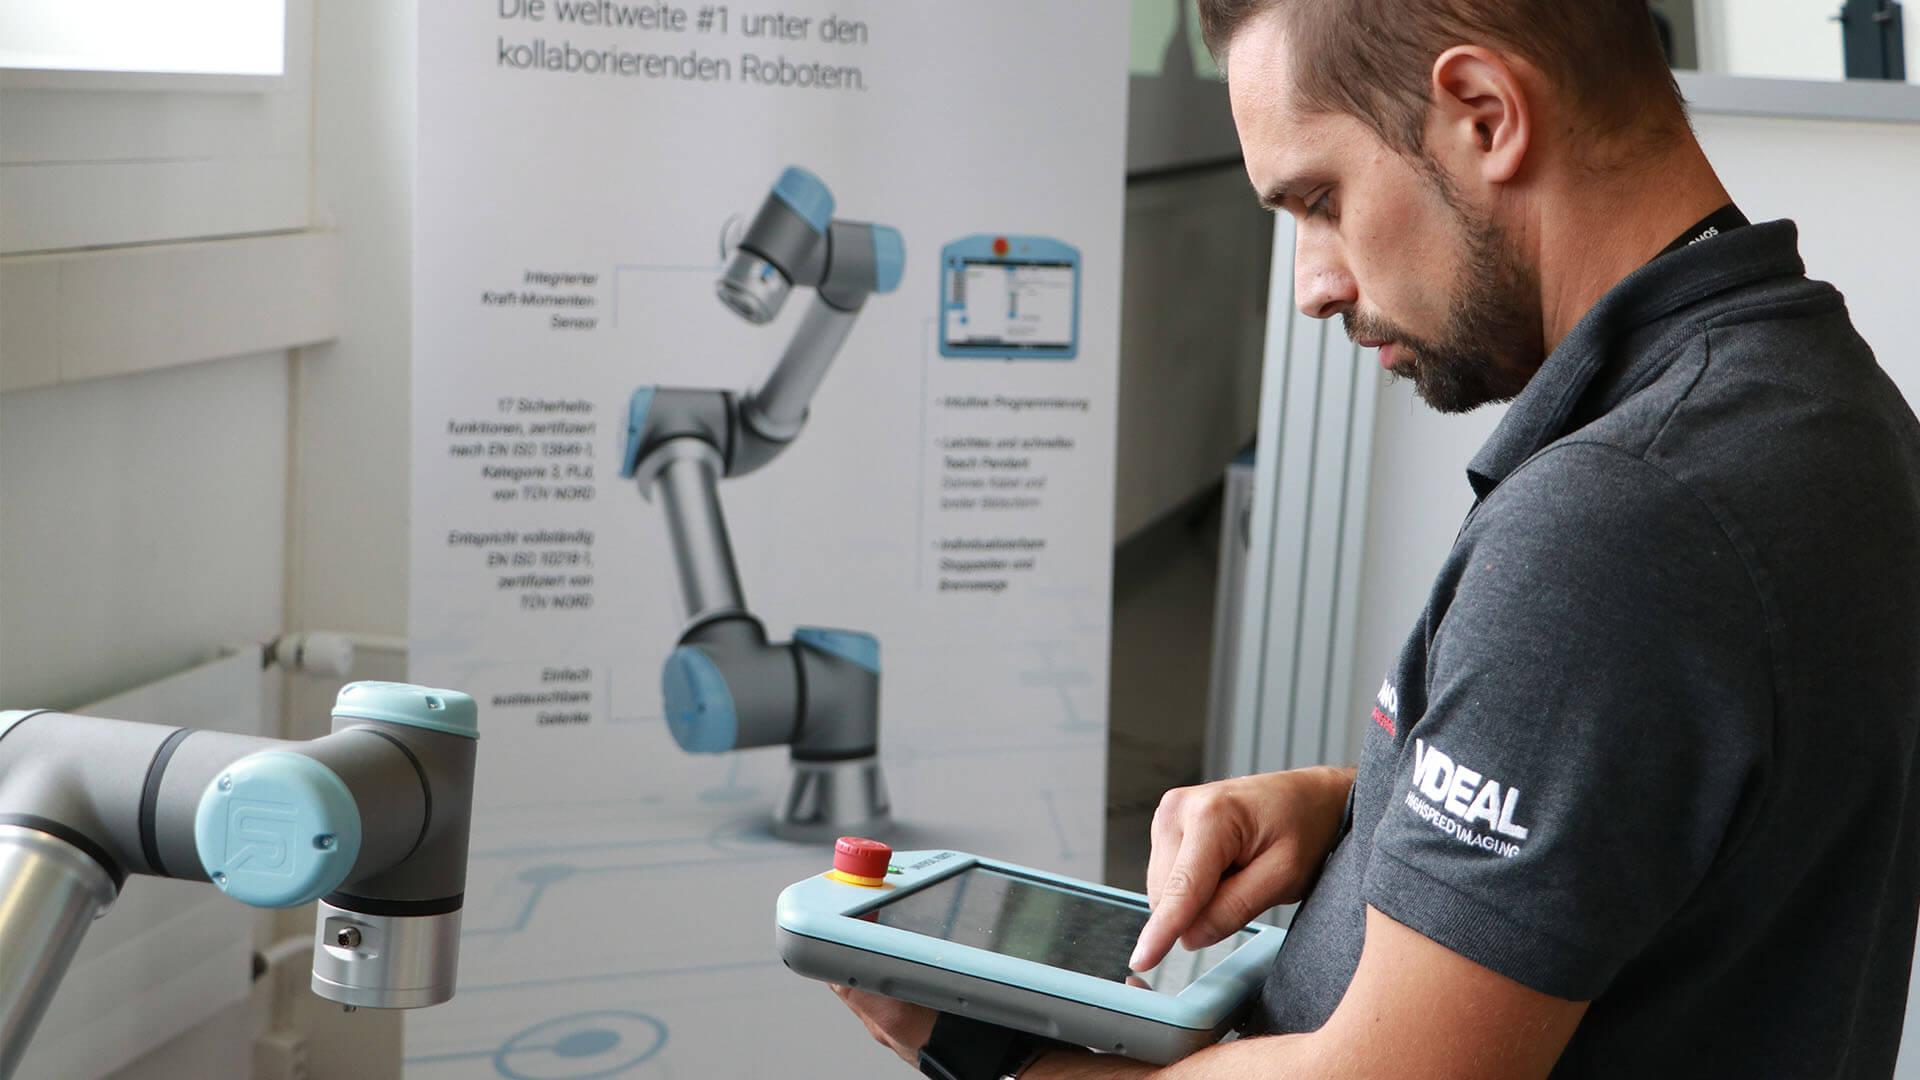 Utiliser les robots de collaboration en toute sécurité 7